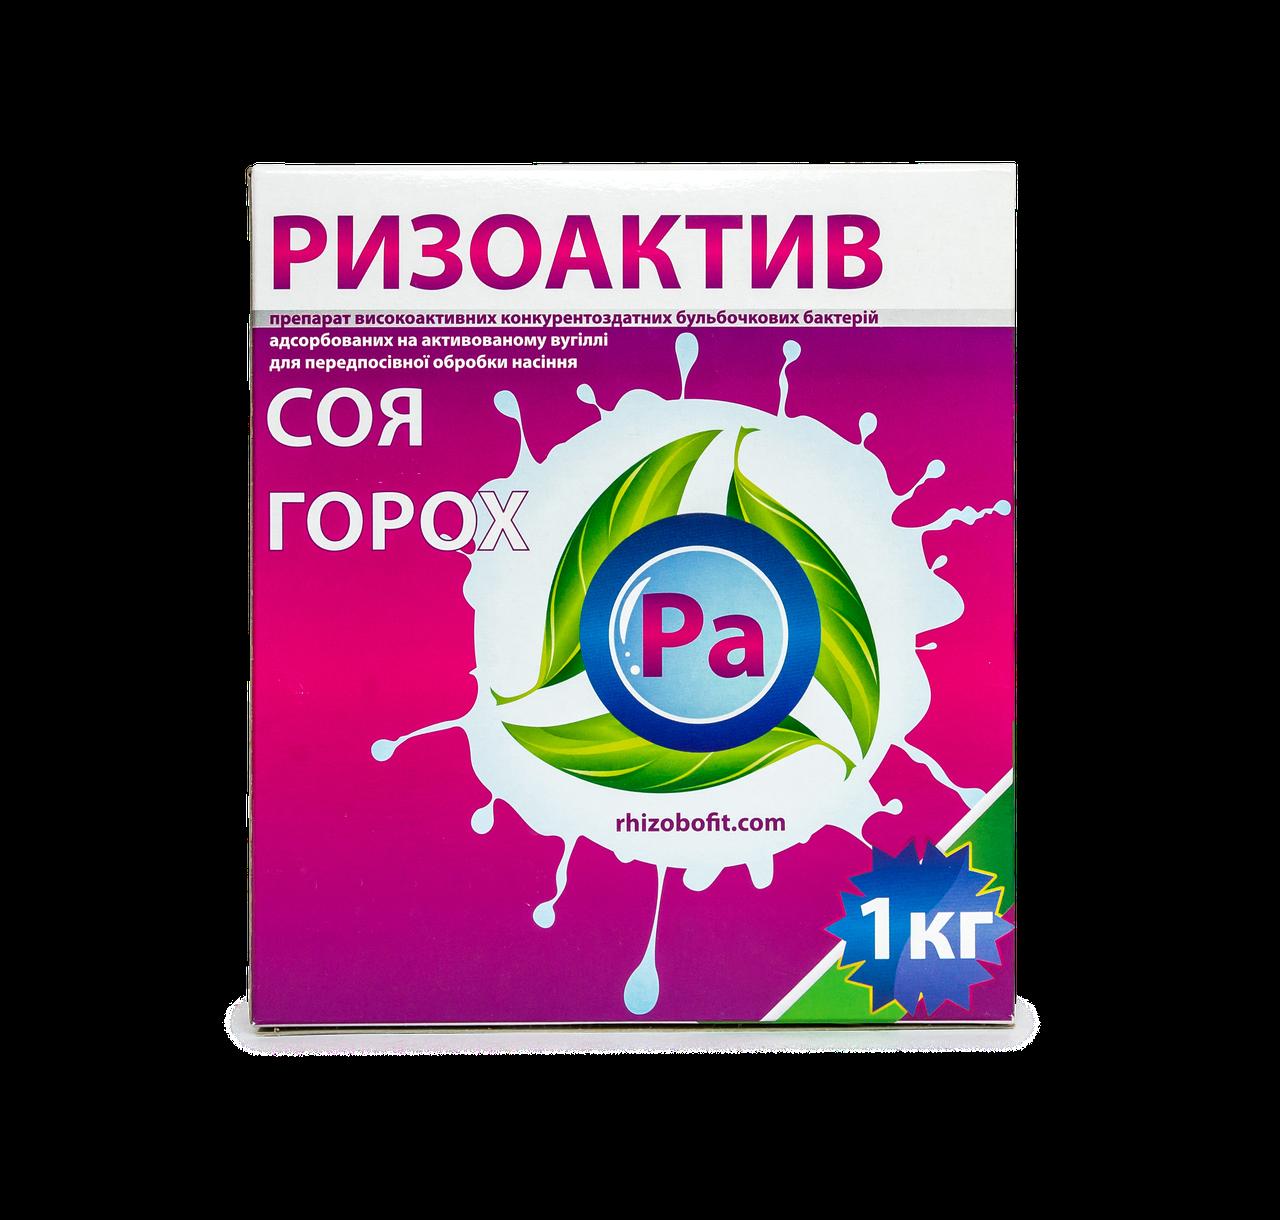 Торфяний сухий Інокулянт для Сої т Ризоактив Т сухий торф - бактерії для бобових